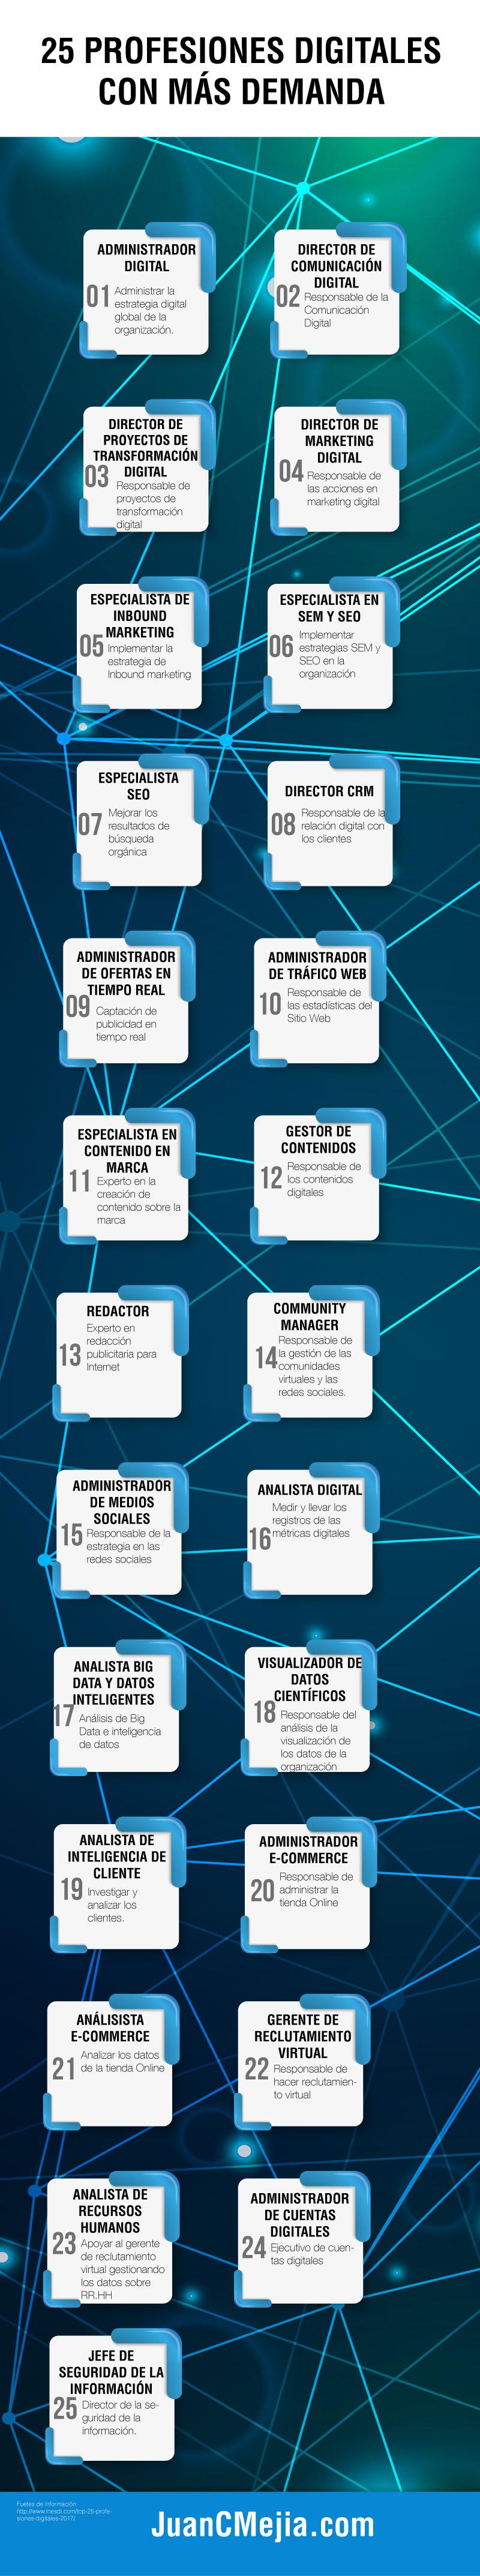 25 profesiones digitales con más demanda #infografia #infographic #rrhh